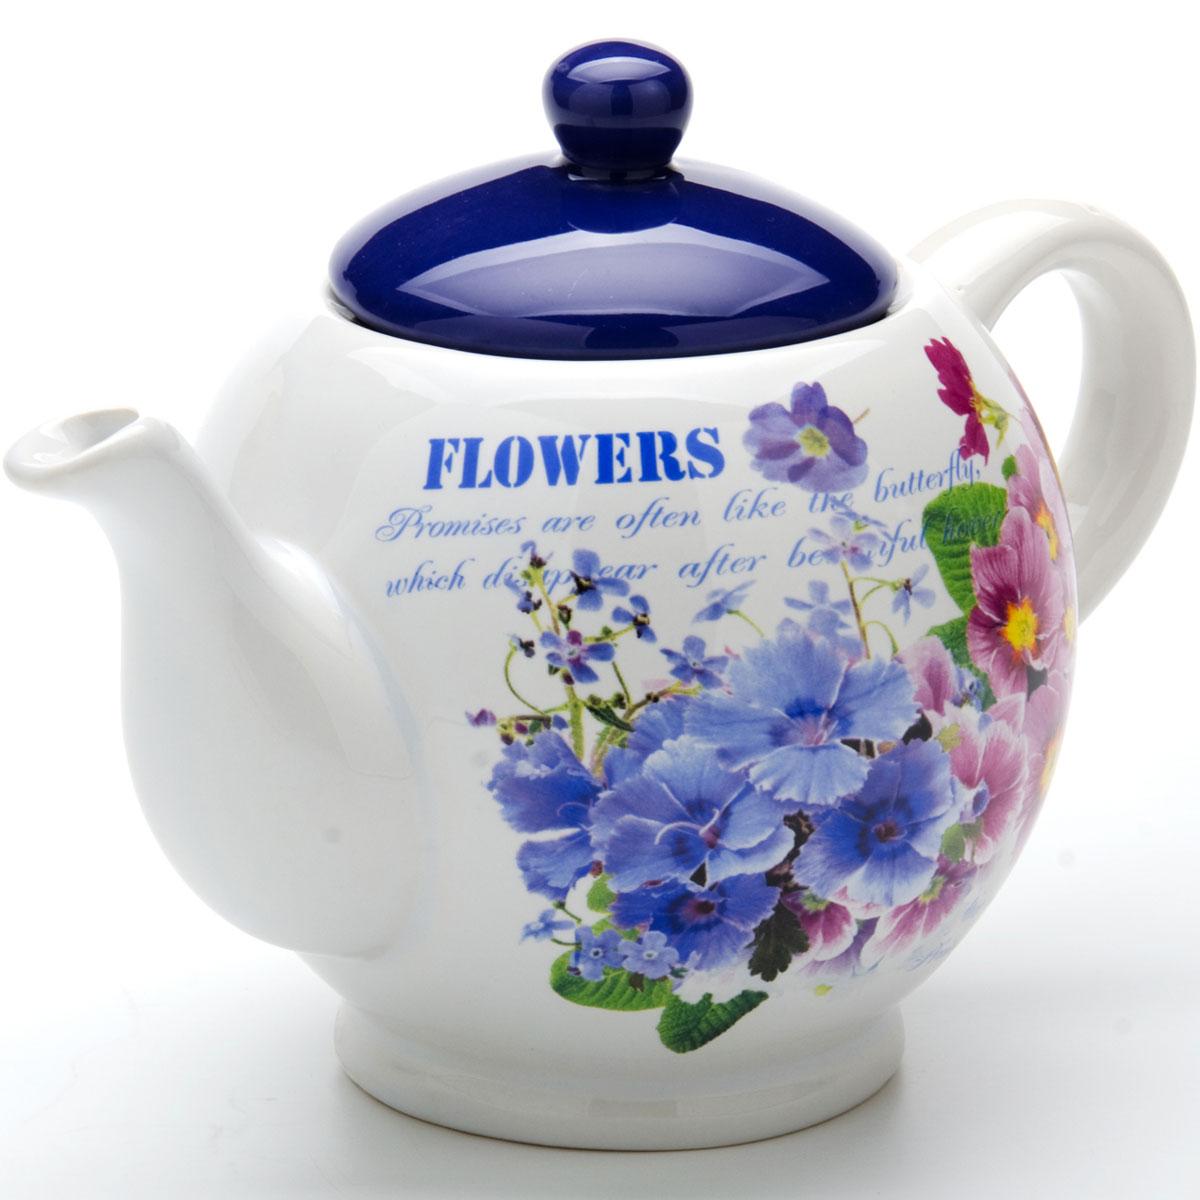 """Заварочный чайник """"Loraine"""" изготовлен из высококачественной керамики и оформлен красочным изображением, которое придает чайнику особый шарм. Изделие удобно в использовании и понравится каждому. Такой чайник поможет вам в приготовлении вкусного и ароматного чая, а также станет украшением вашей кухни."""